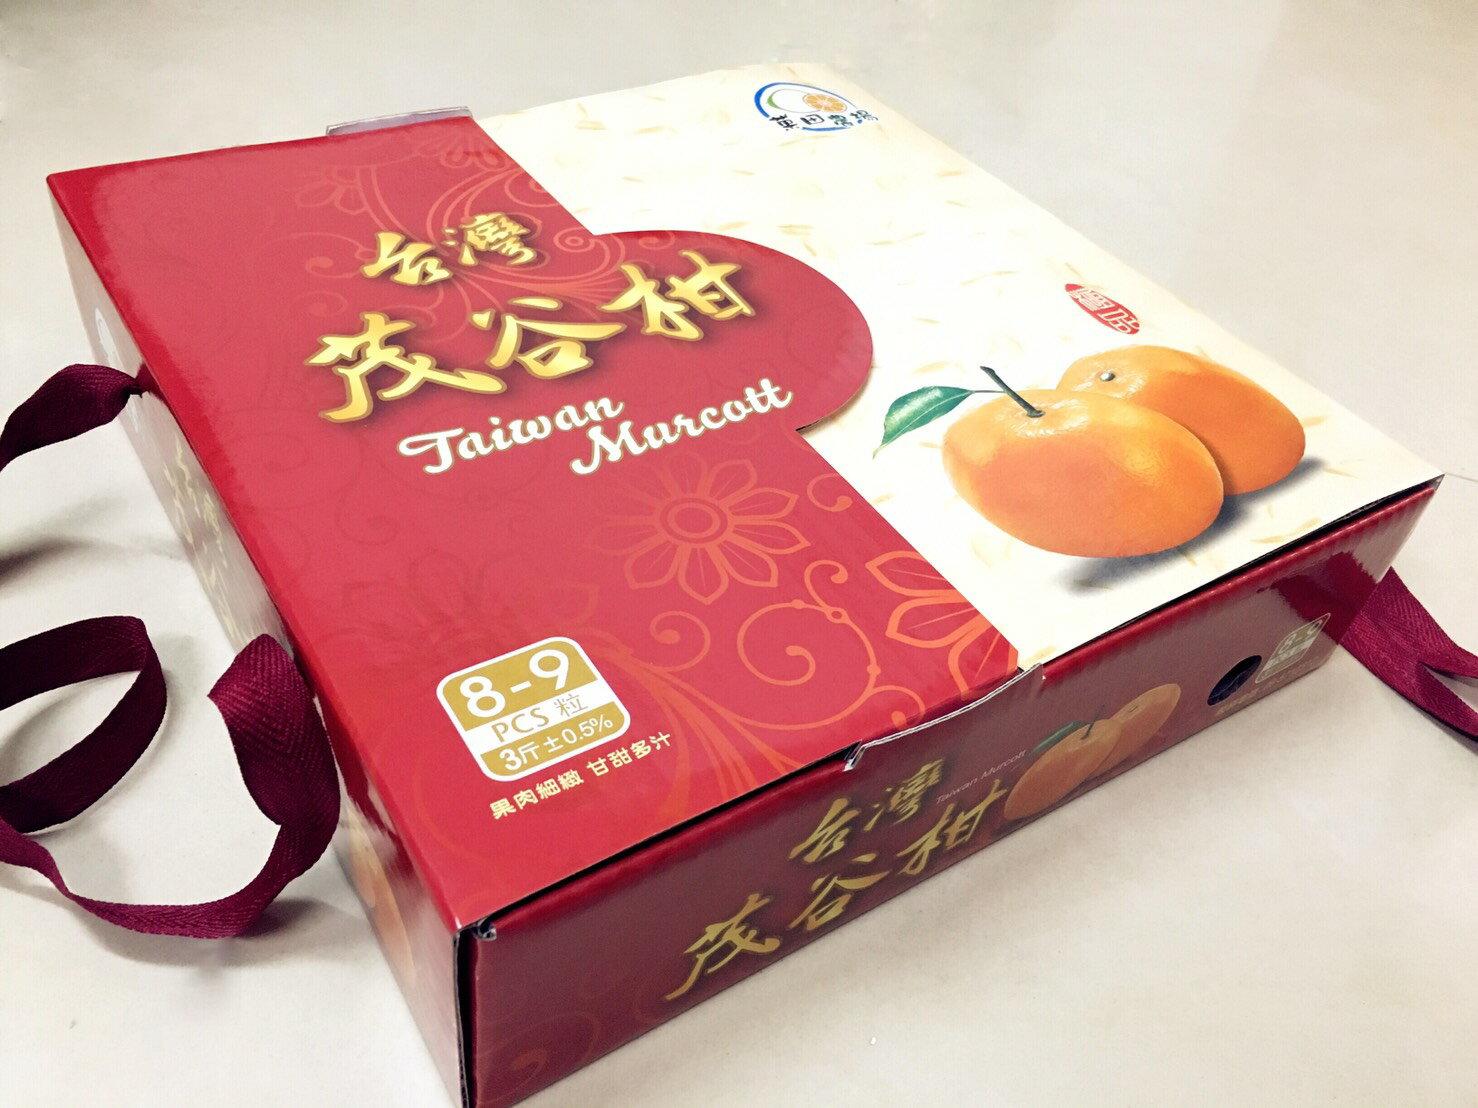 ★年節伴手禮【茂谷柑】3斤裝禮盒★雲林古坑【清泉果園】